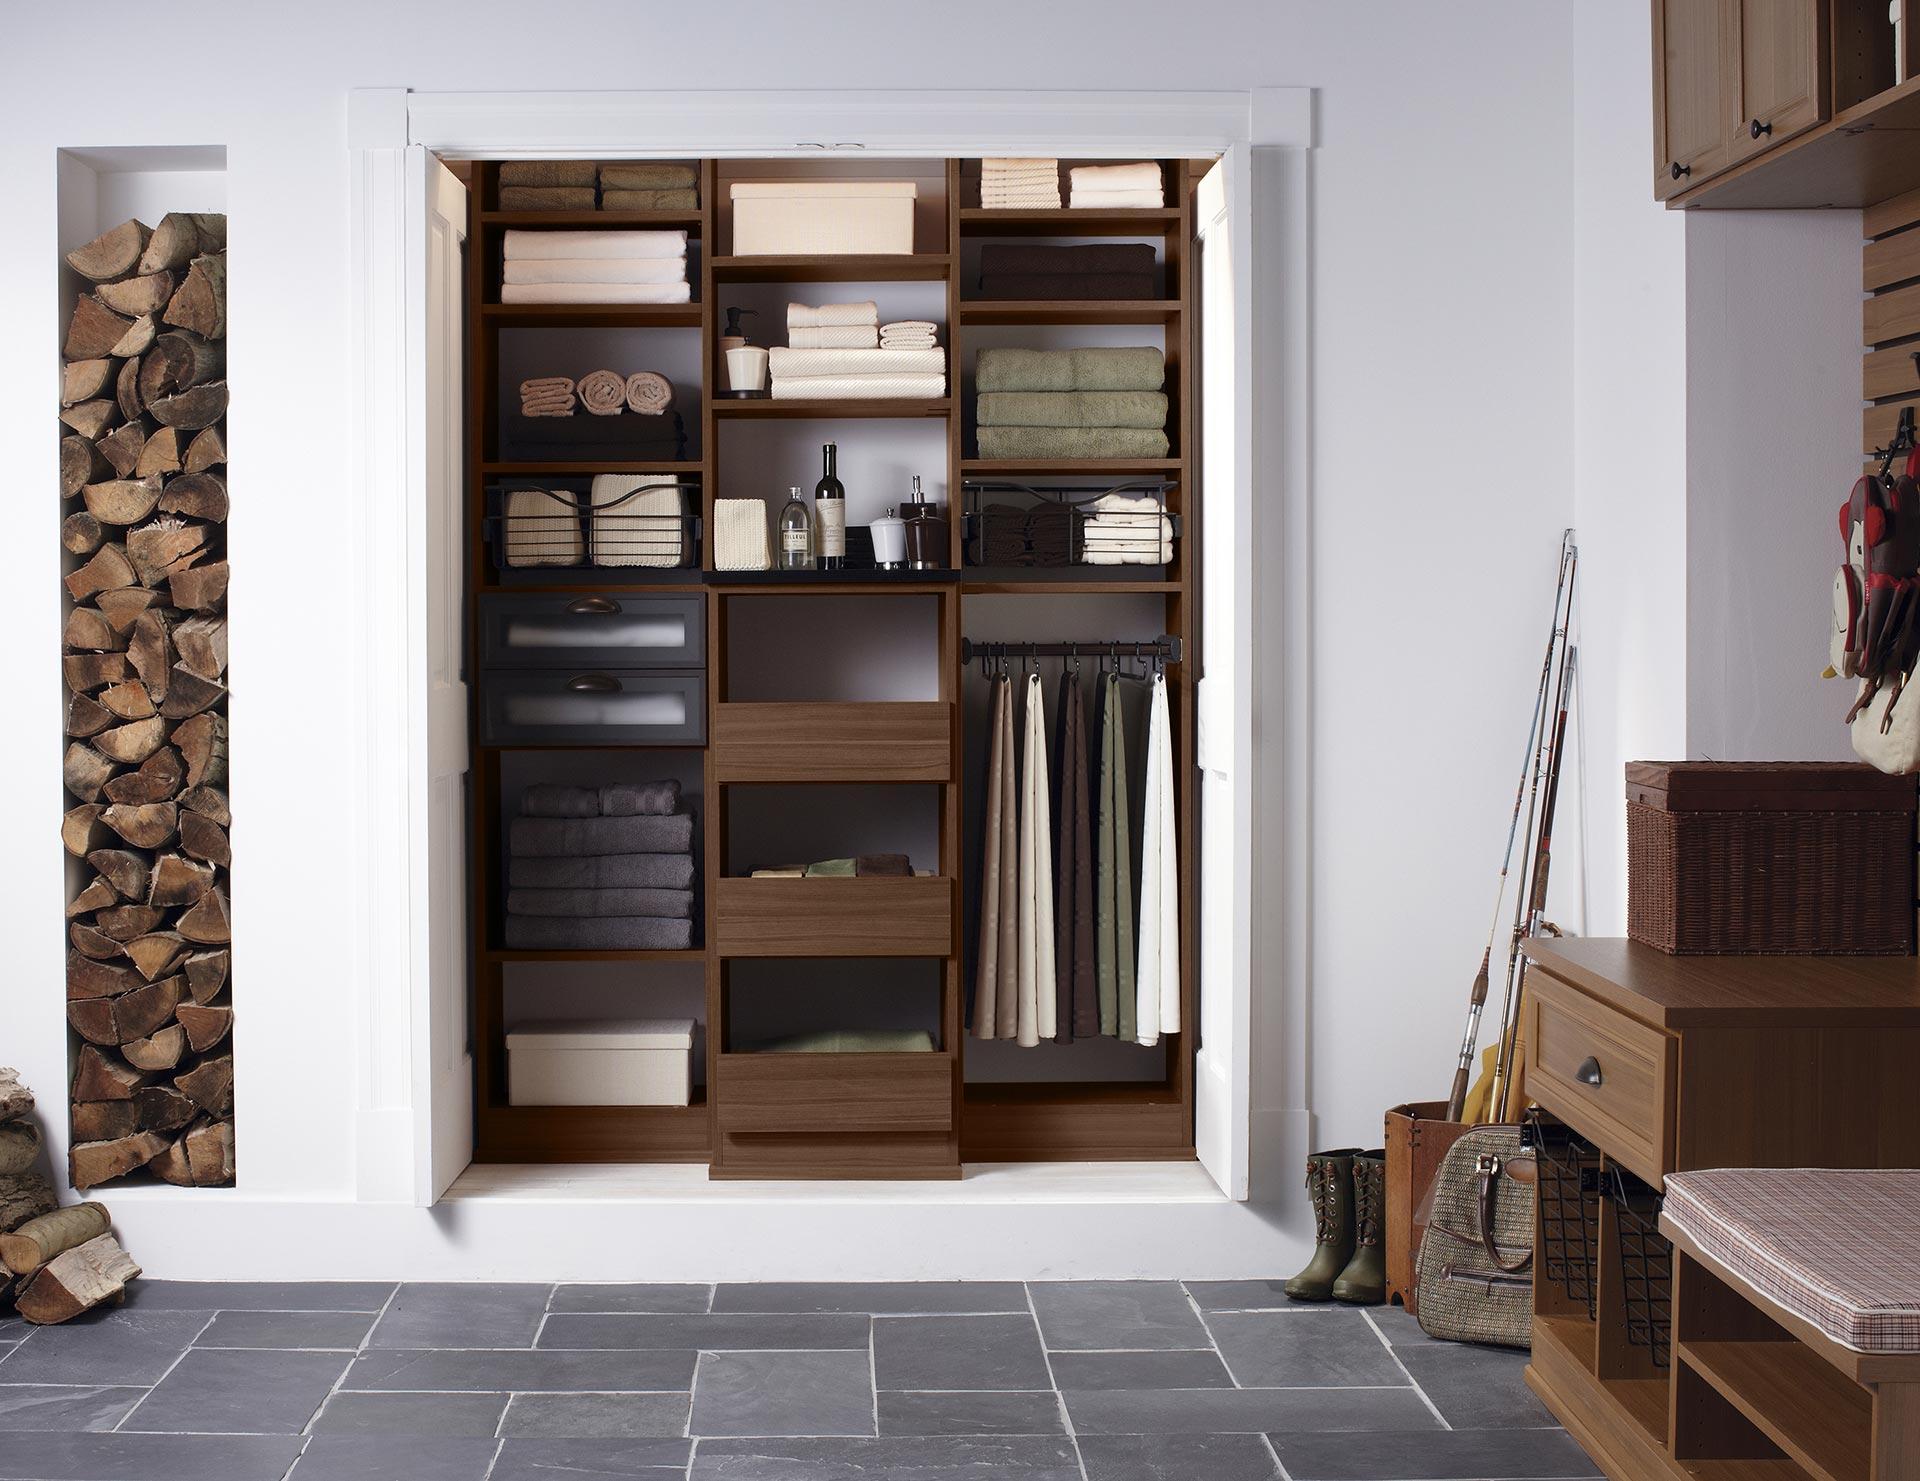 California Closets Eau Claire - Becker Hall Closet Storage Solution